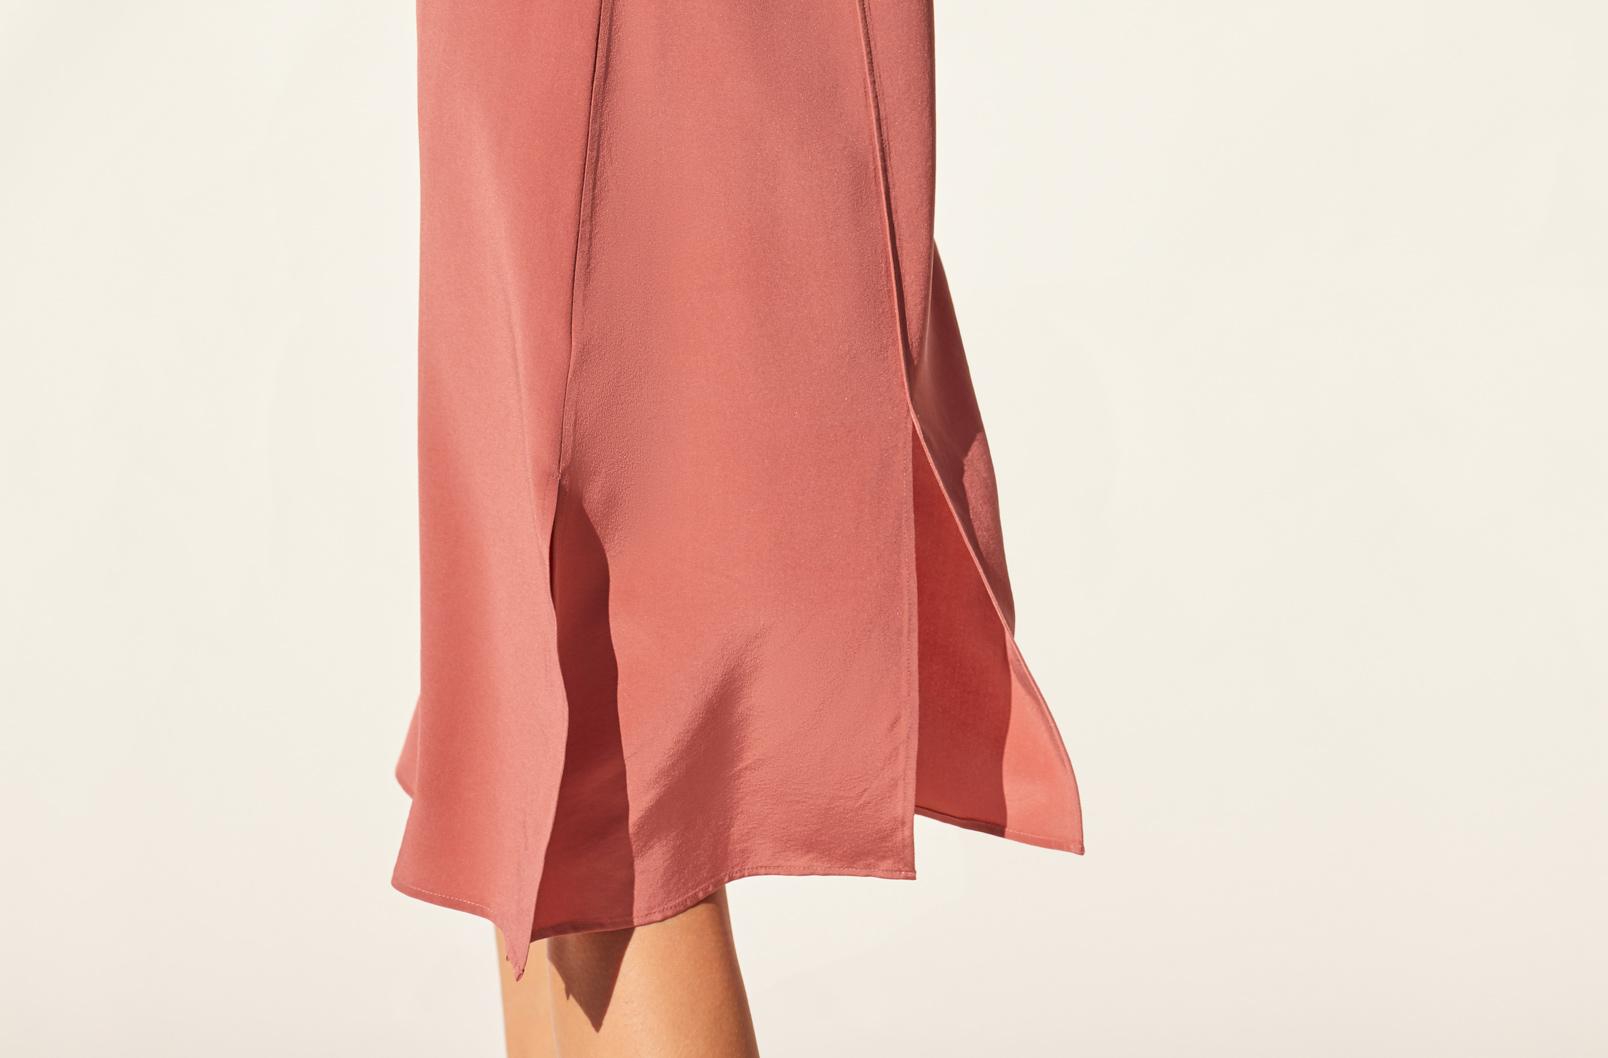 Detail shot of side slit of Silk Slip Dress